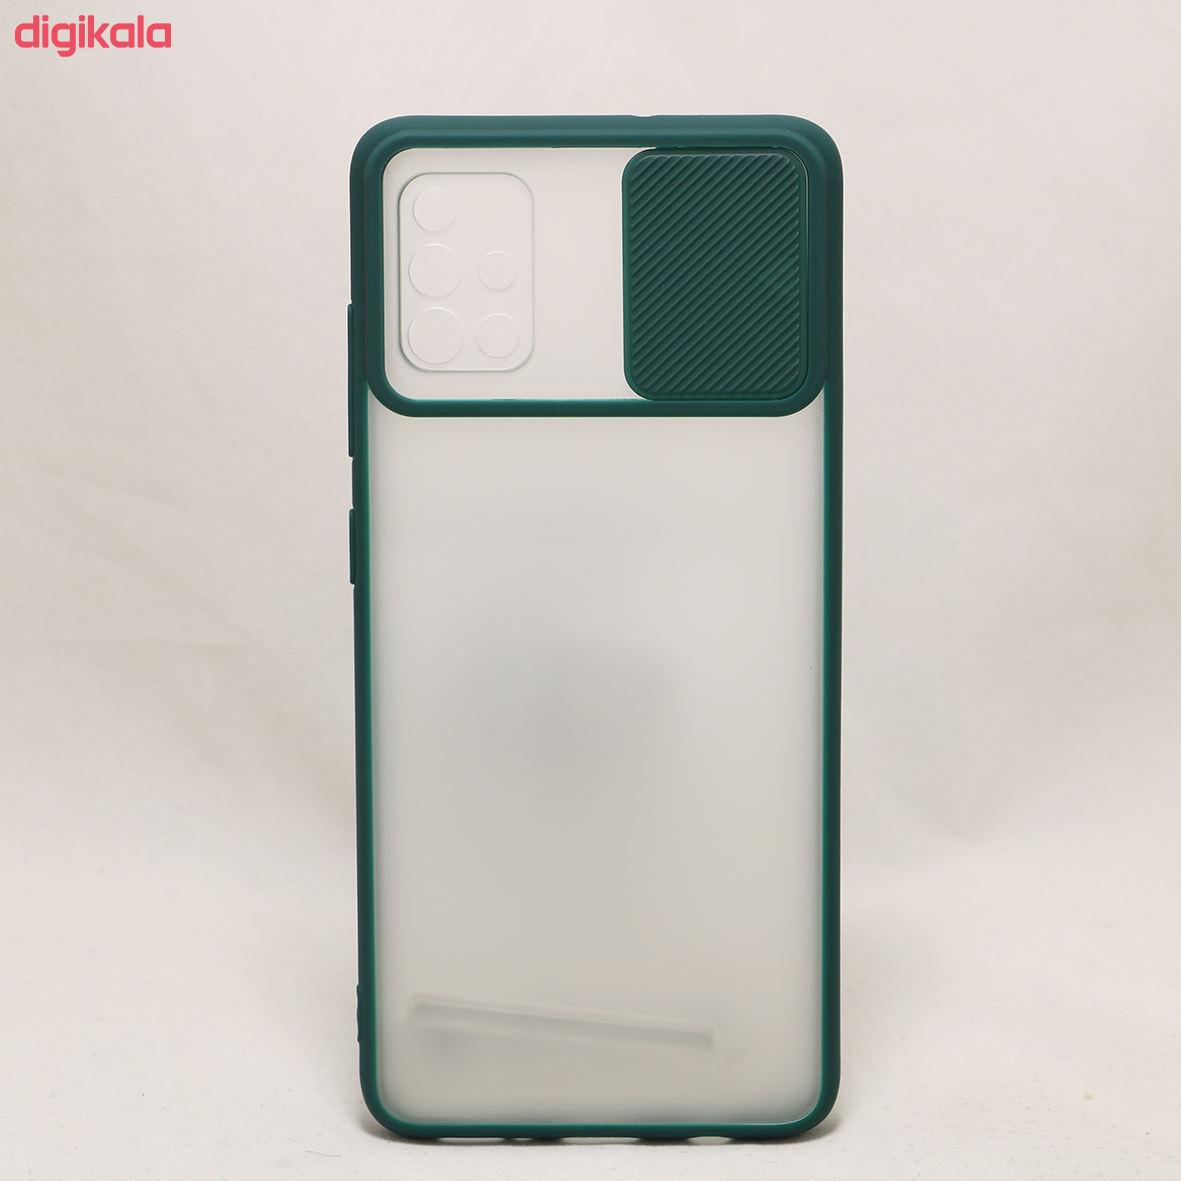 کاور مدل LNZ01 مناسب برای گوشی موبایل سامسونگ Galaxy A51 main 1 1